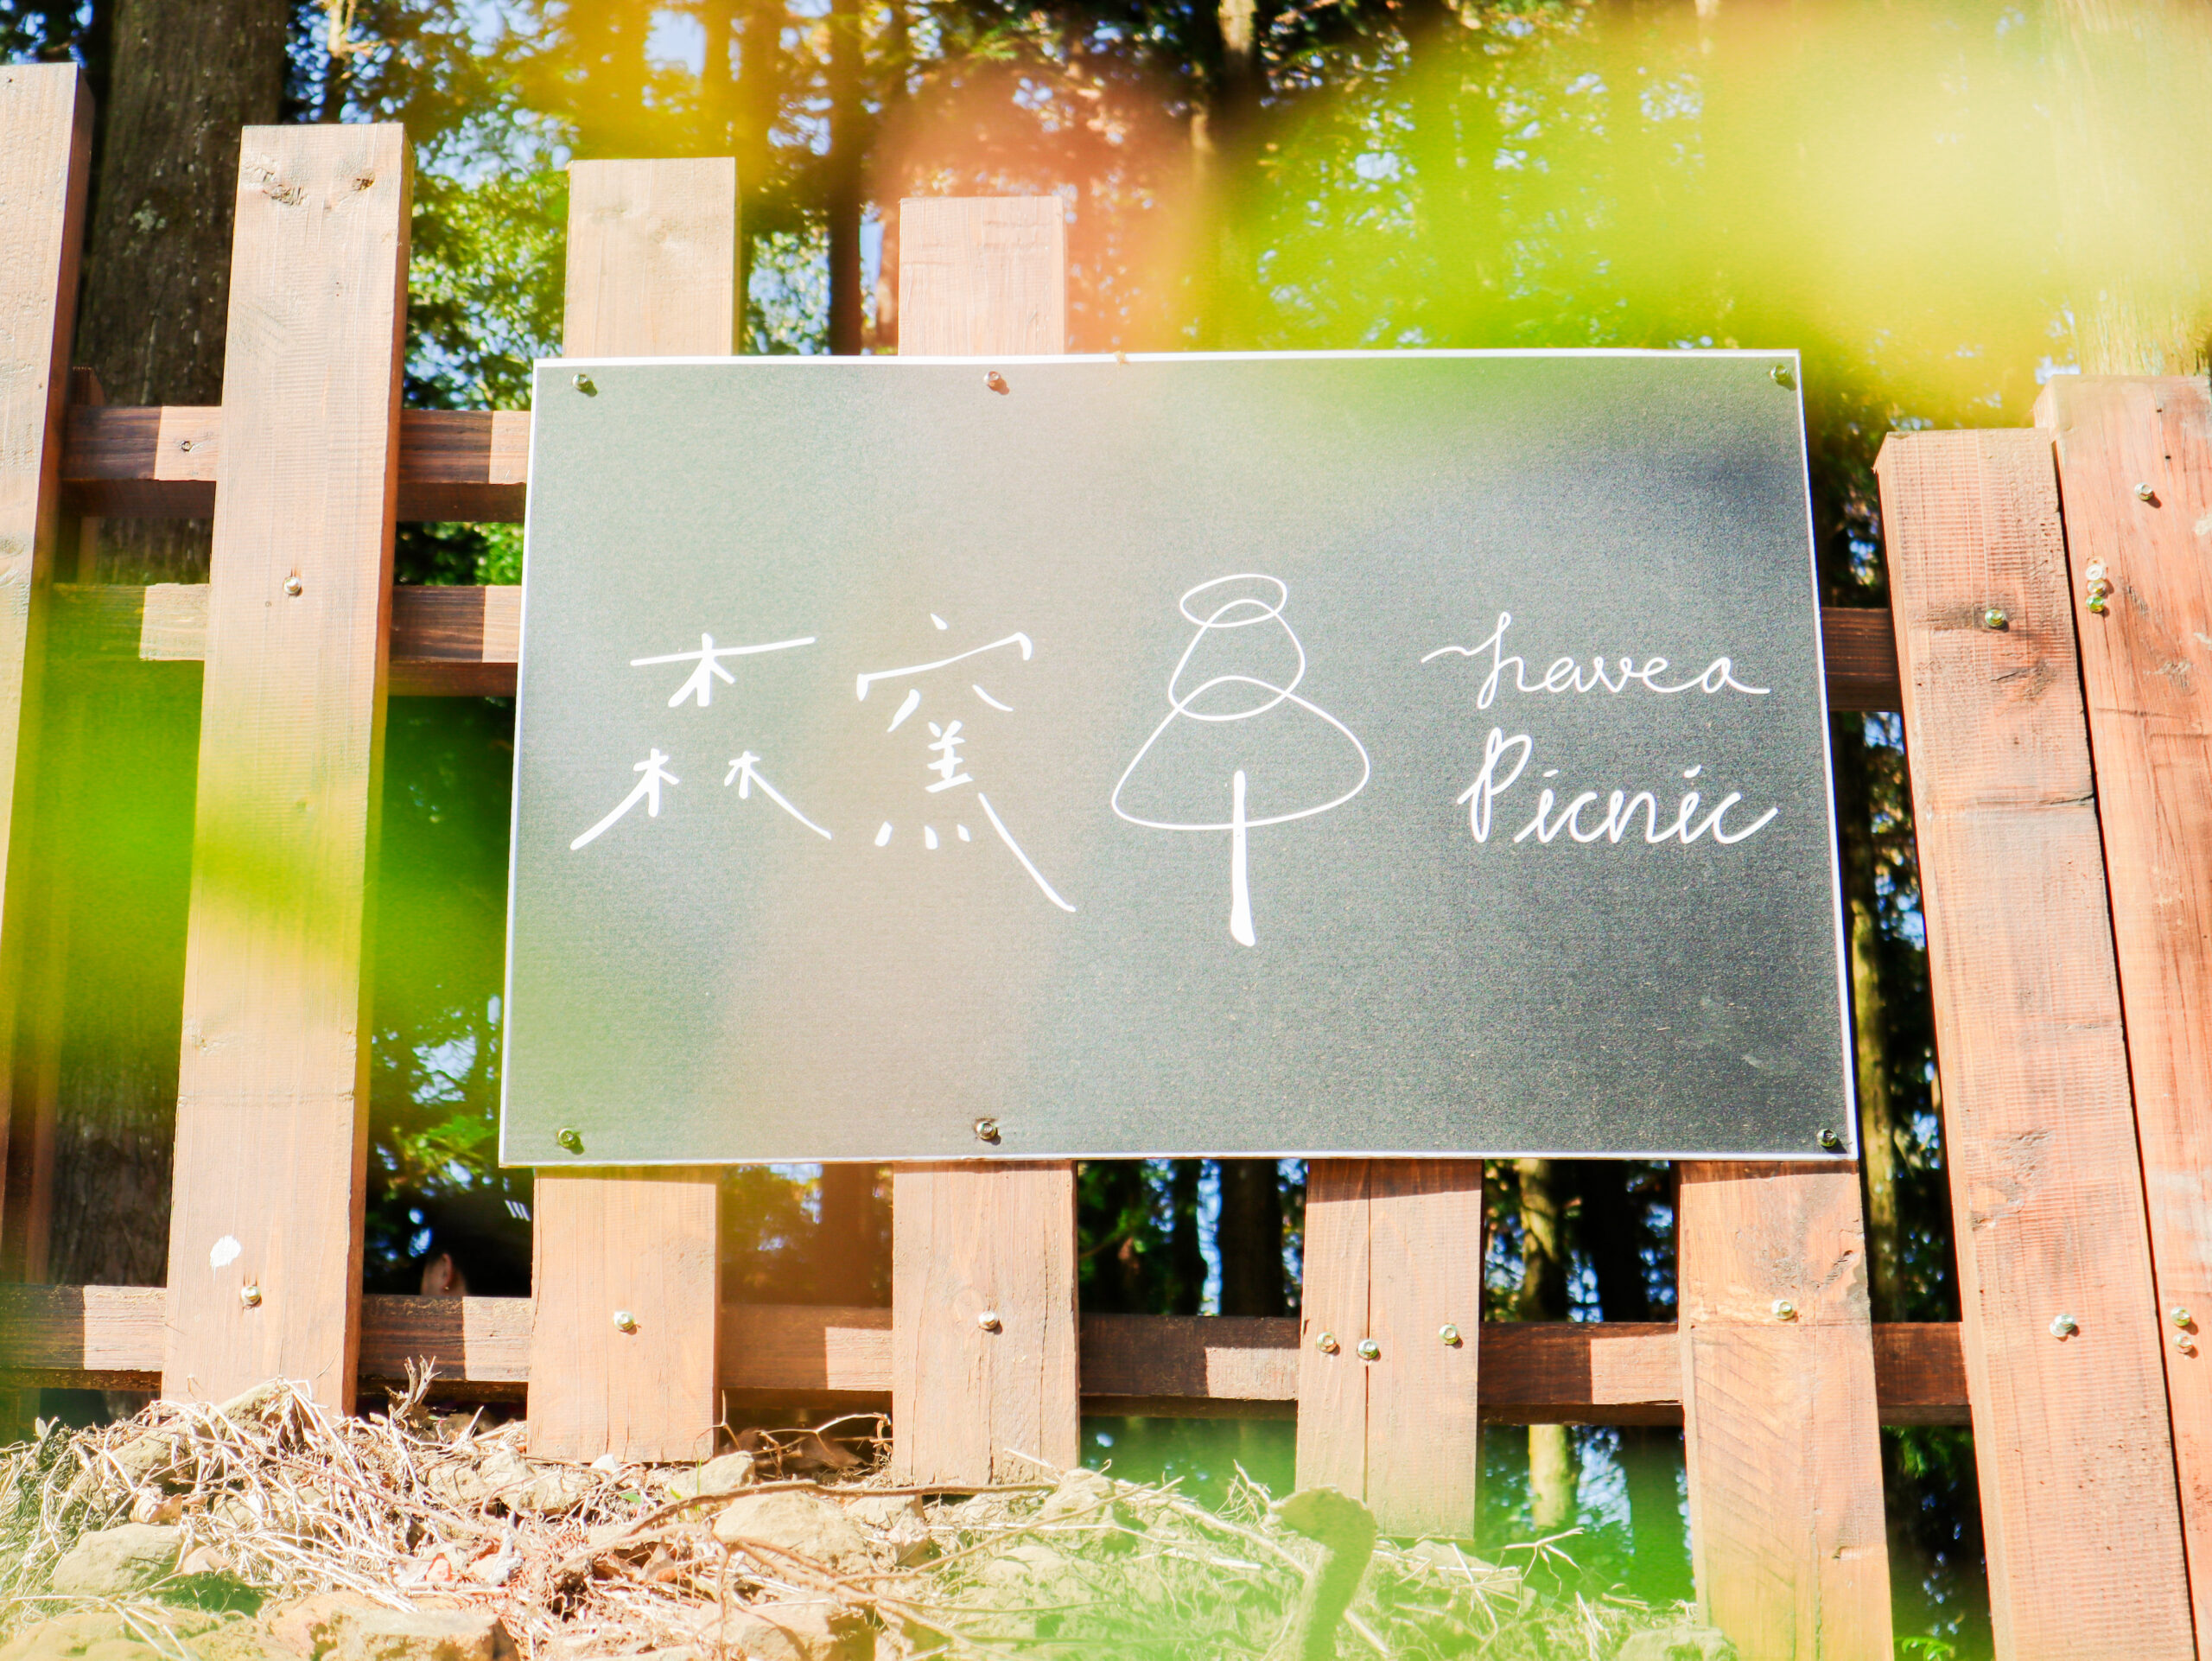 新竹 北埔 五指山 『森窯』have a picnic窯烤披薩 森林中的野餐